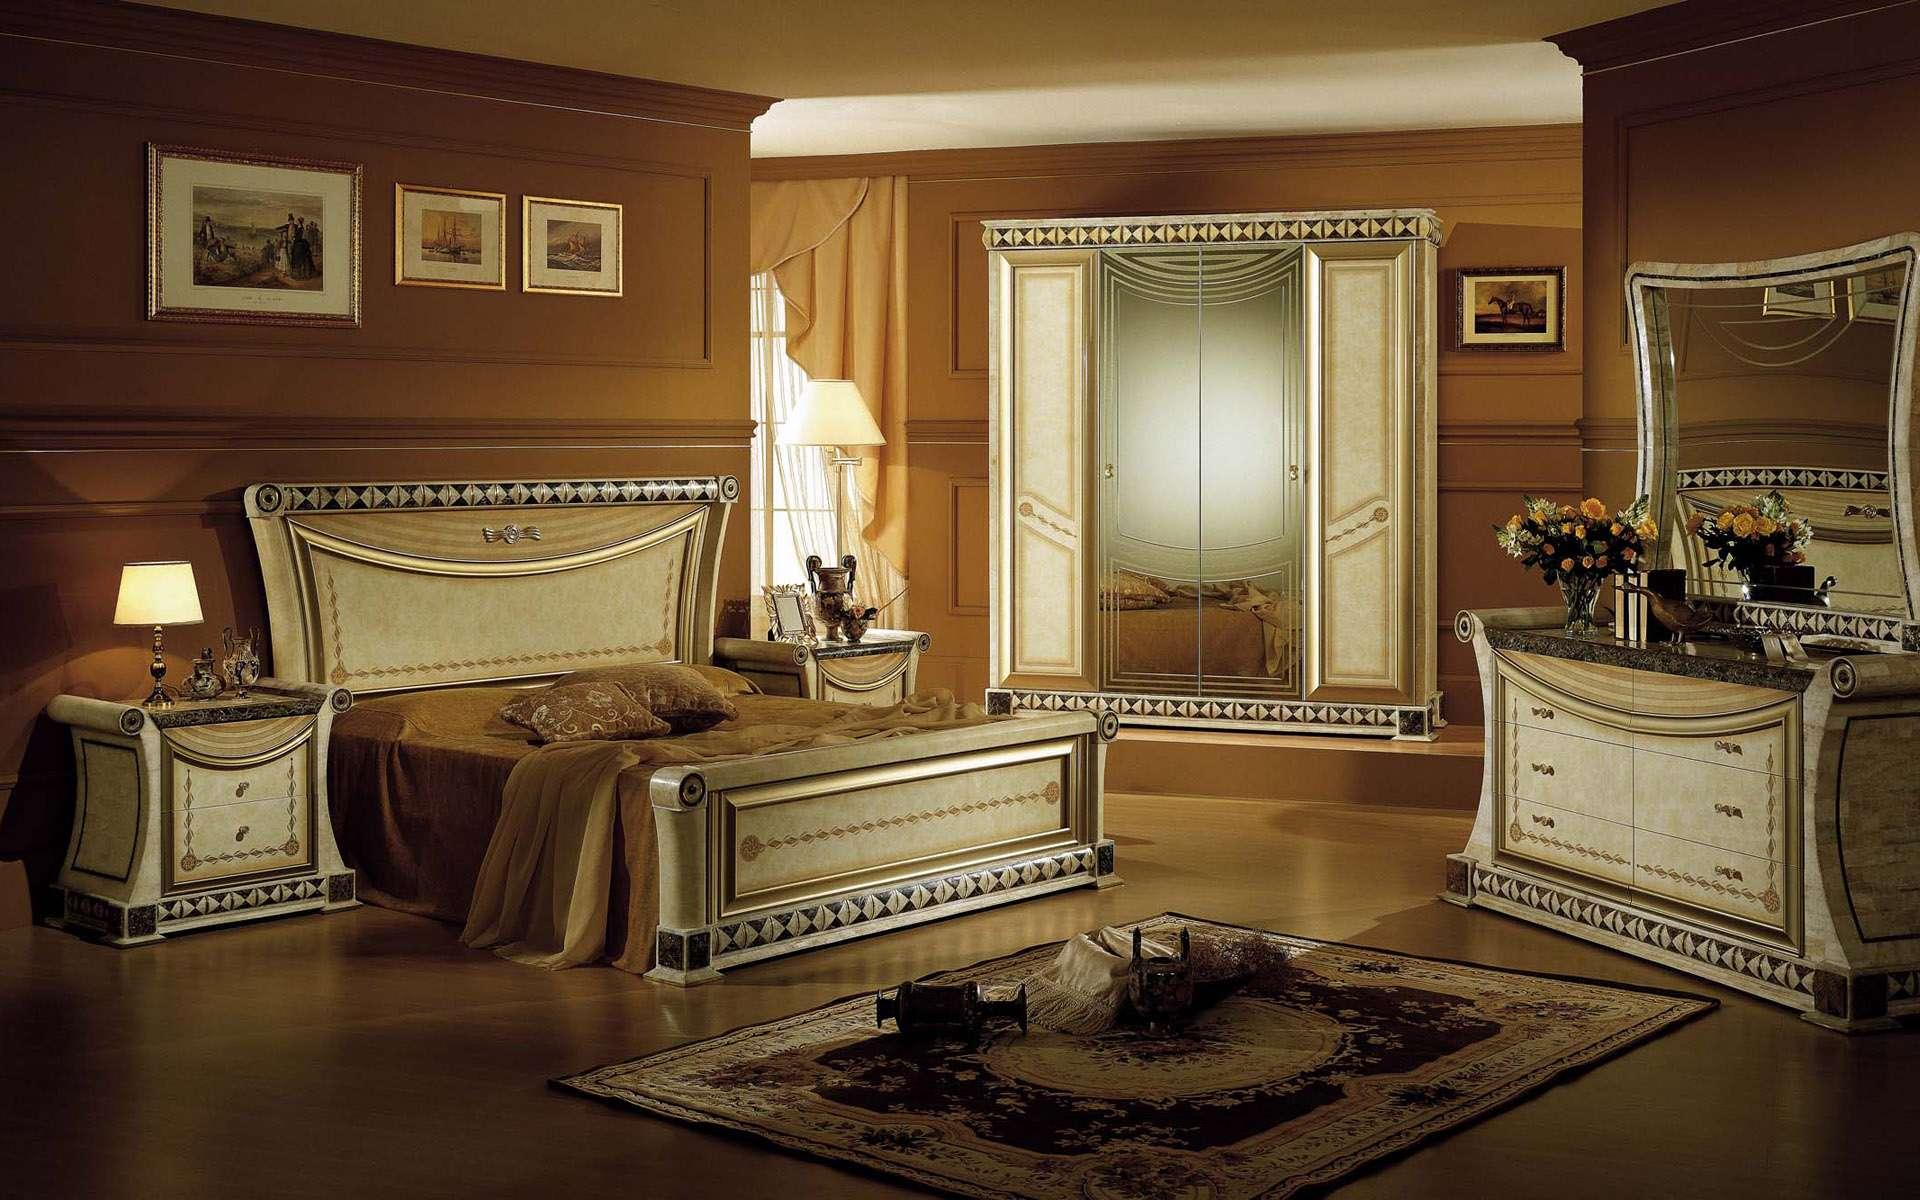 5sm6 مجموعة صور لديكورات غرف نوم 2014 حديثة ومودرن و تركيةوكلاسيكية من أحدث وأجمل وأفخم تشكيلة ديكورات غرف نوم 2014